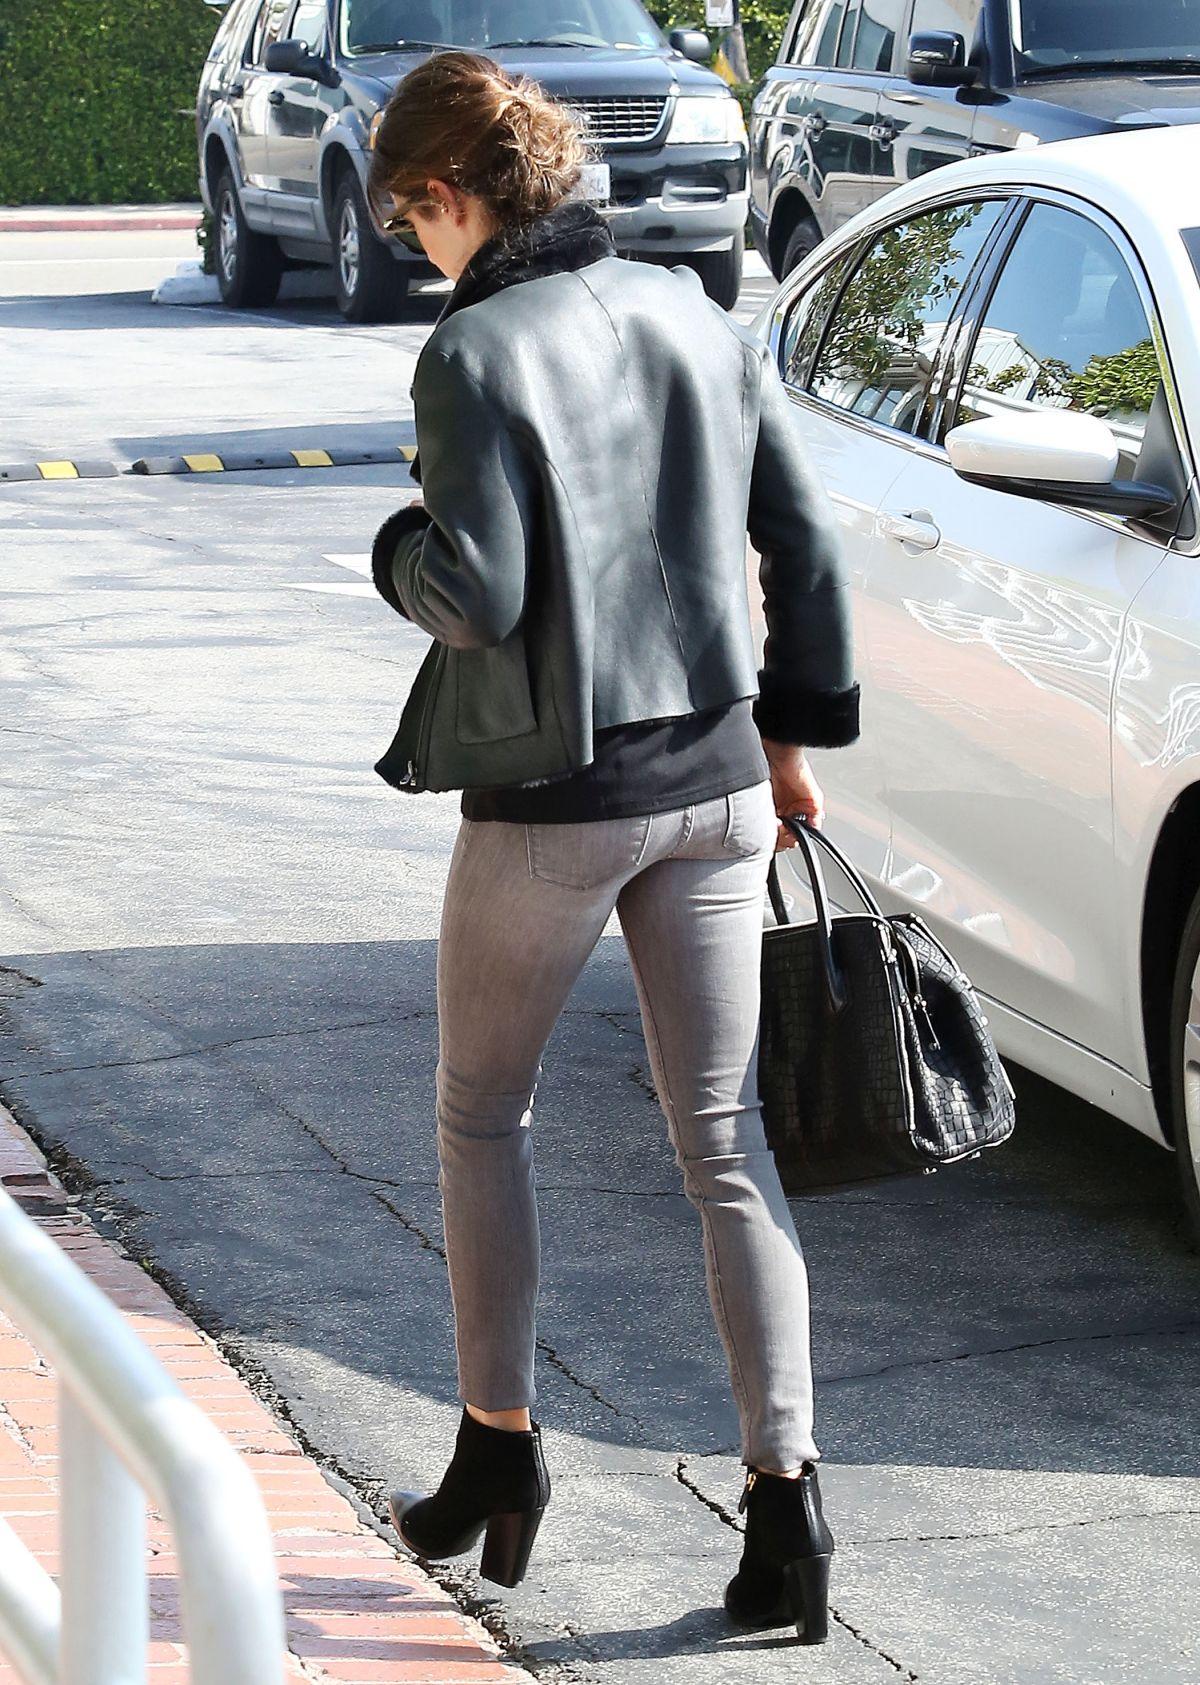 NIKKI REED in Tight Je... Jennifer Lopez